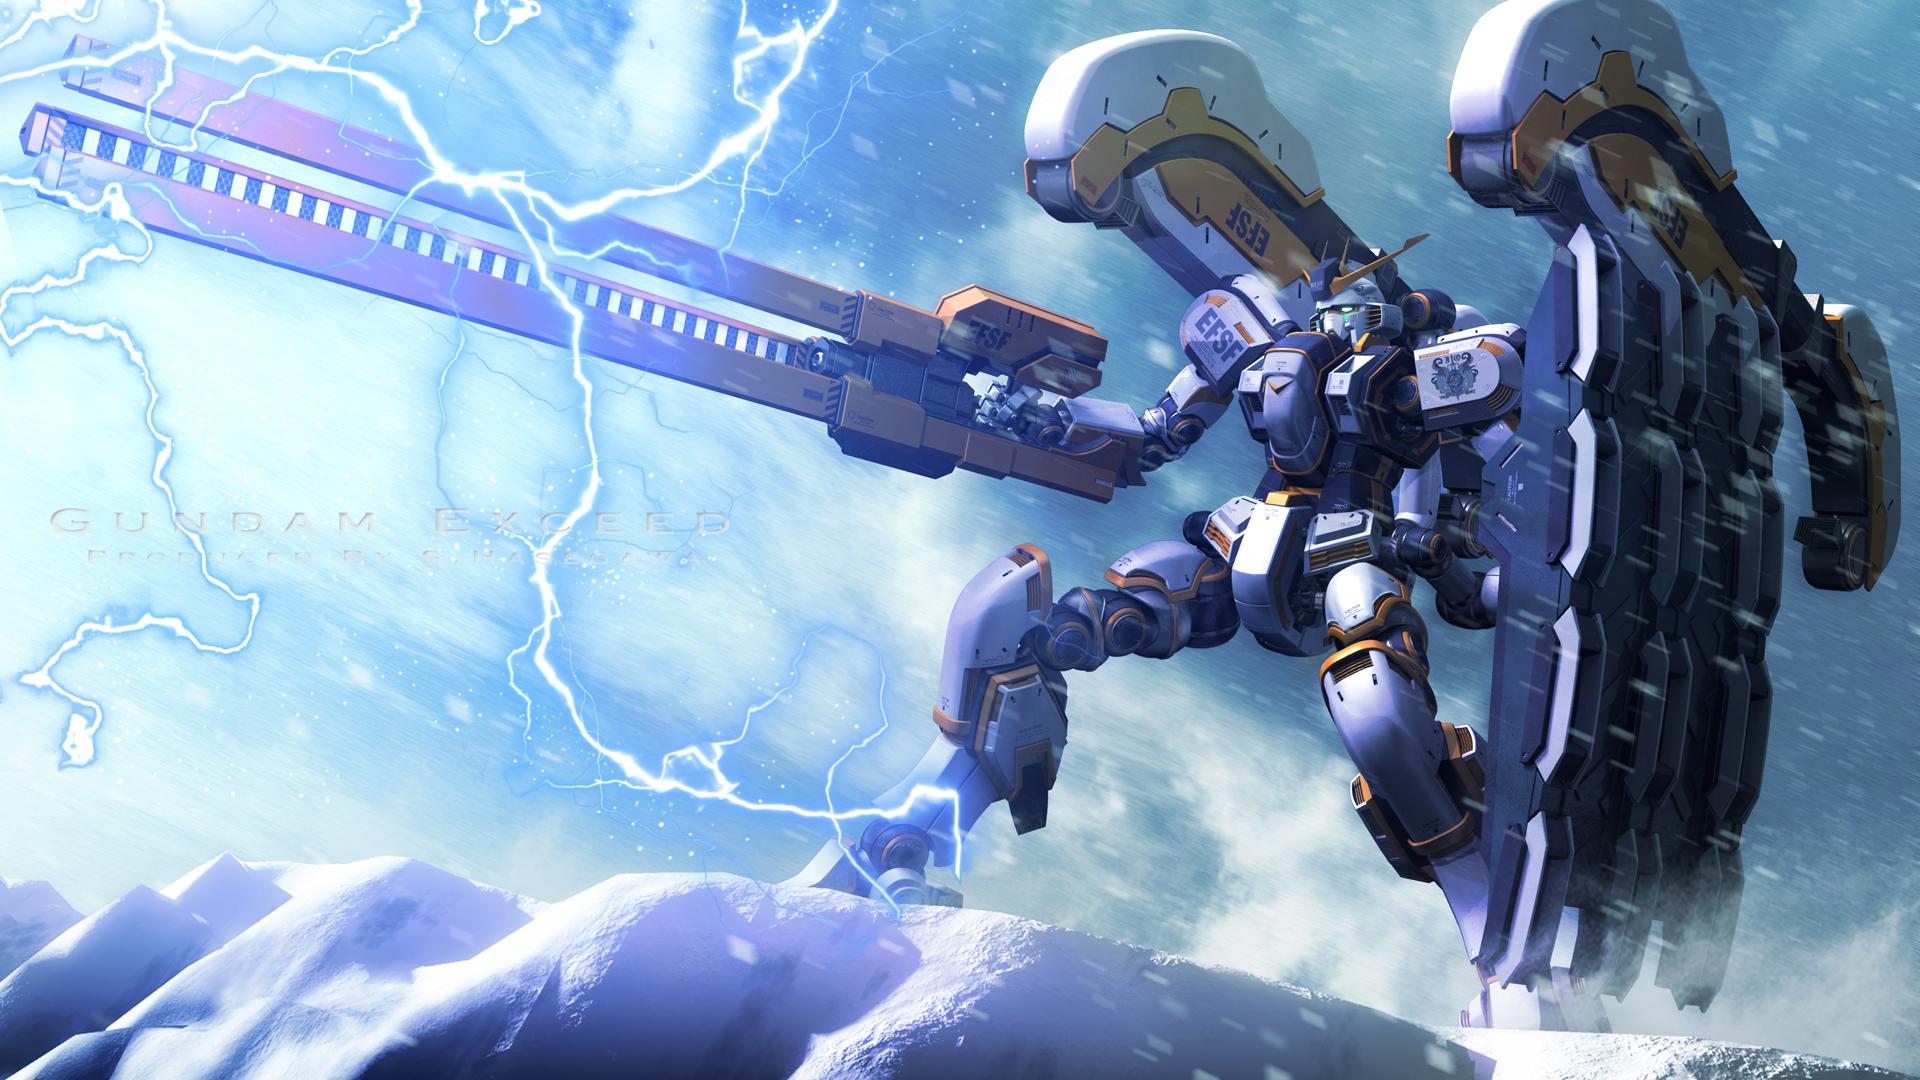 Mobile Suit Gundam Thunderbolt HD Wallpaper | Background